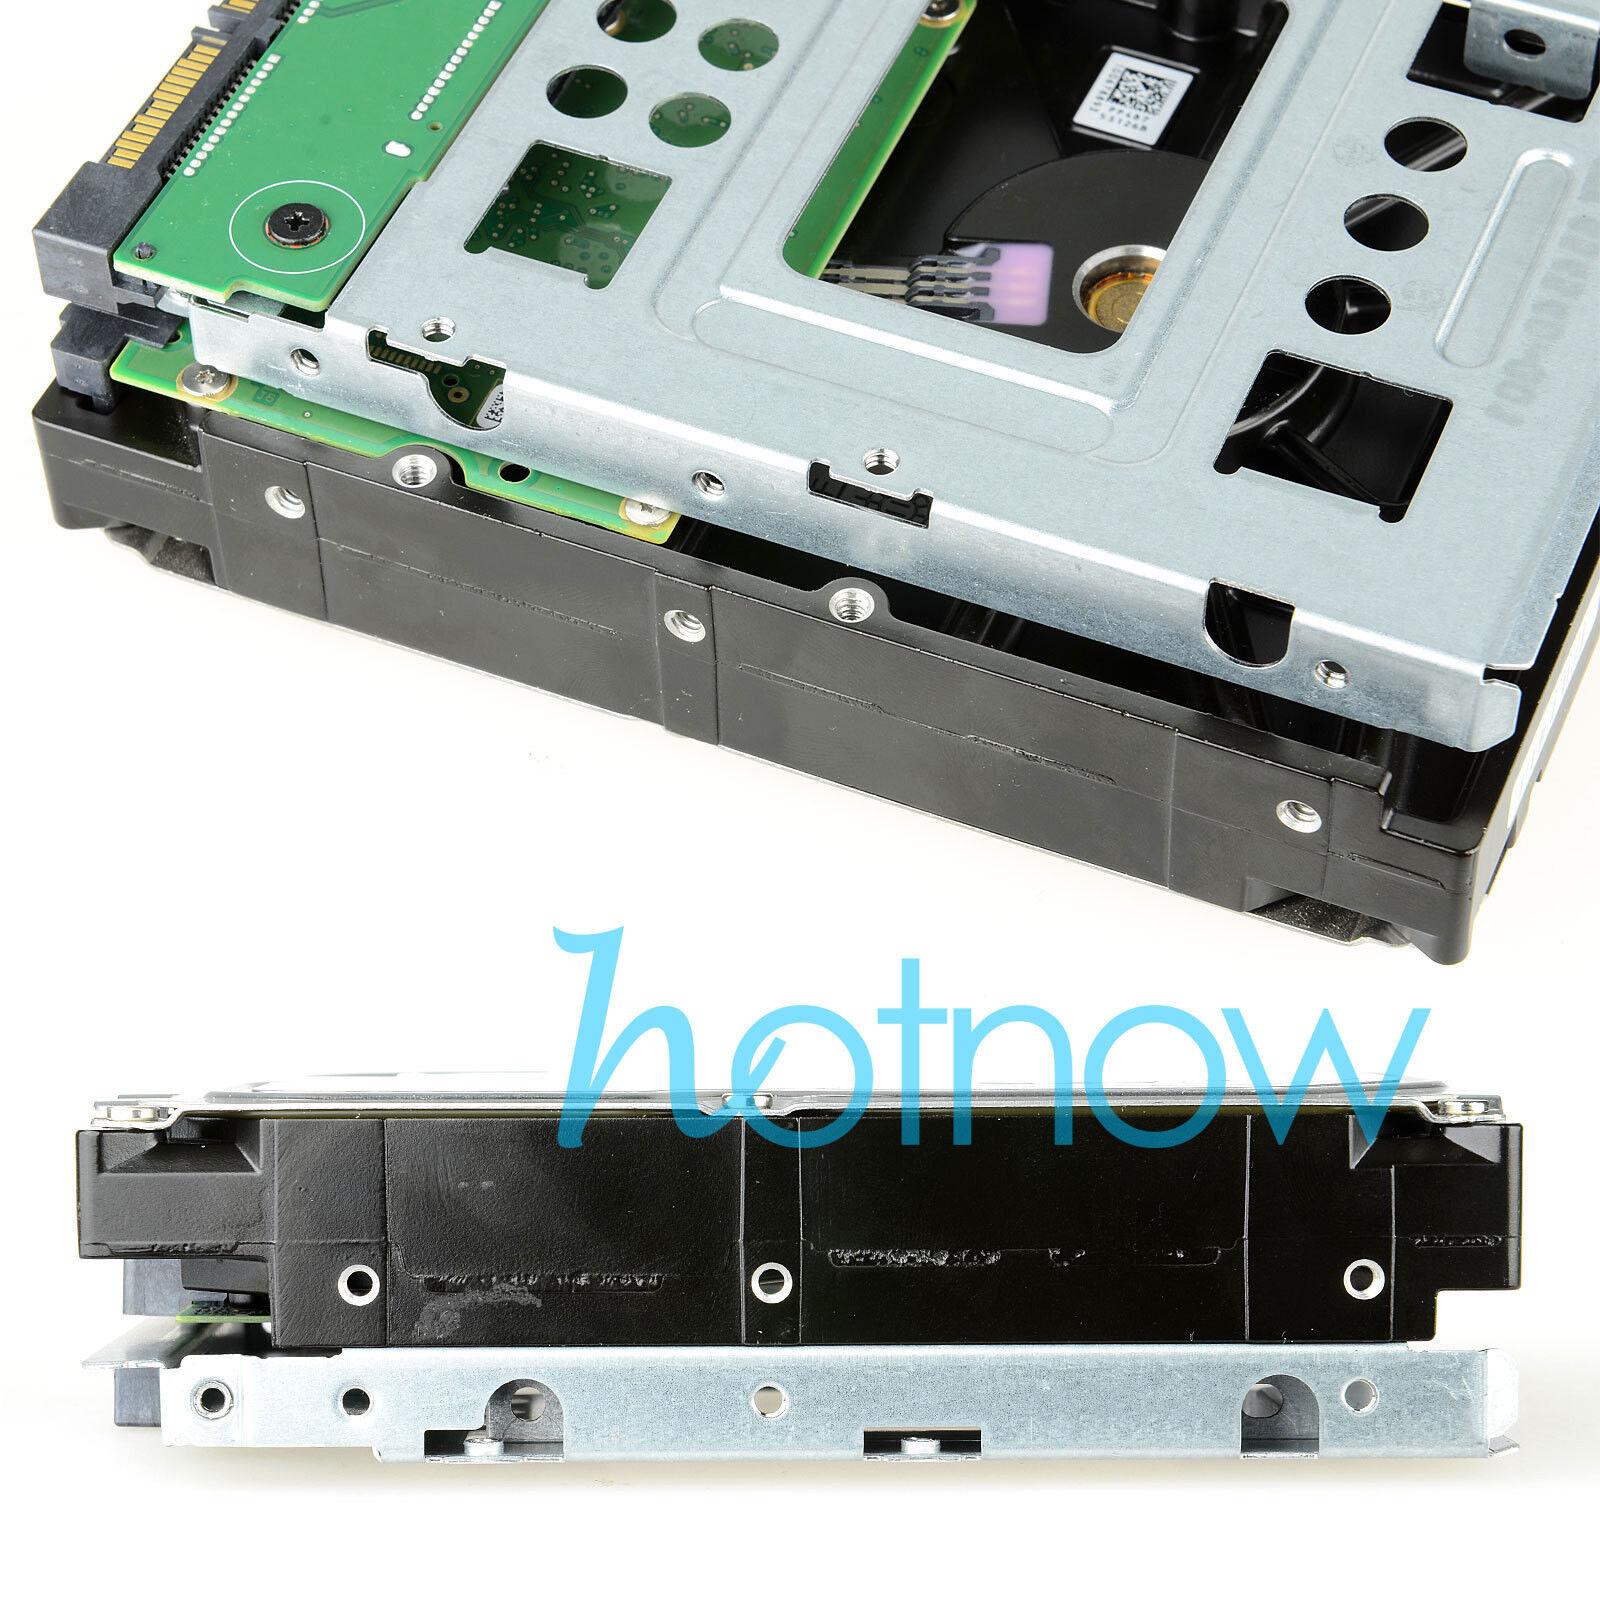 """как выглядит Аксессуар для компьютерного корпуса или набор инструментов для компьютера 2.5"""" SSD SAS to 3.5"""" SATA Hard Disk Drive HDD Adapter CADDY TRAY Hot Swap Plug фото"""